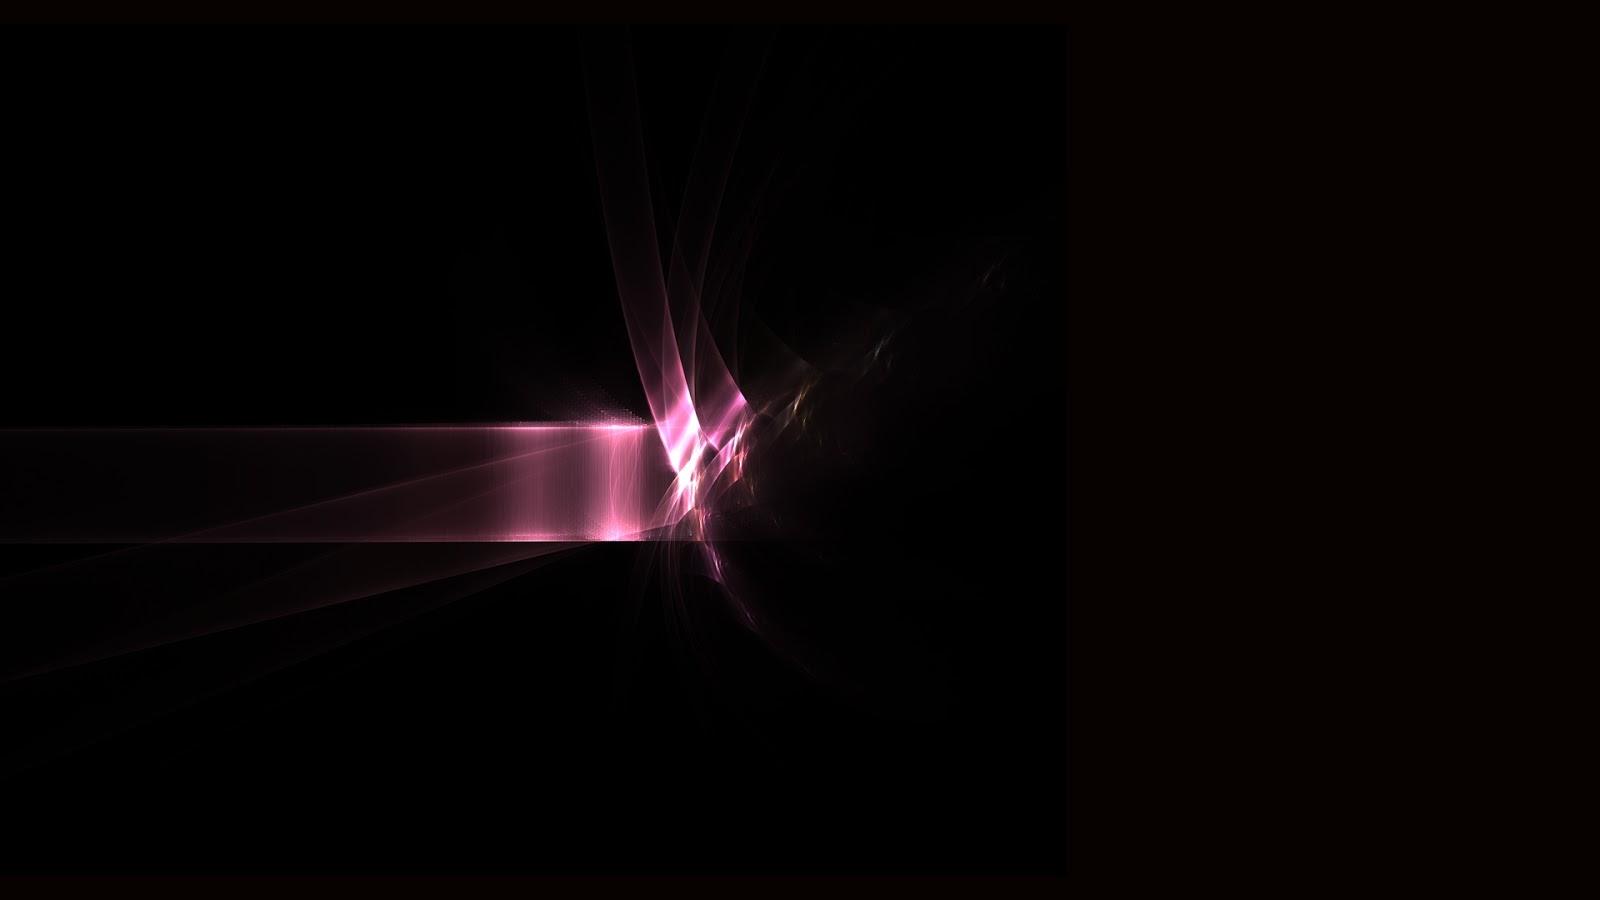 hot blog post 80 dark wallpapers full hd 1080p wallpapers